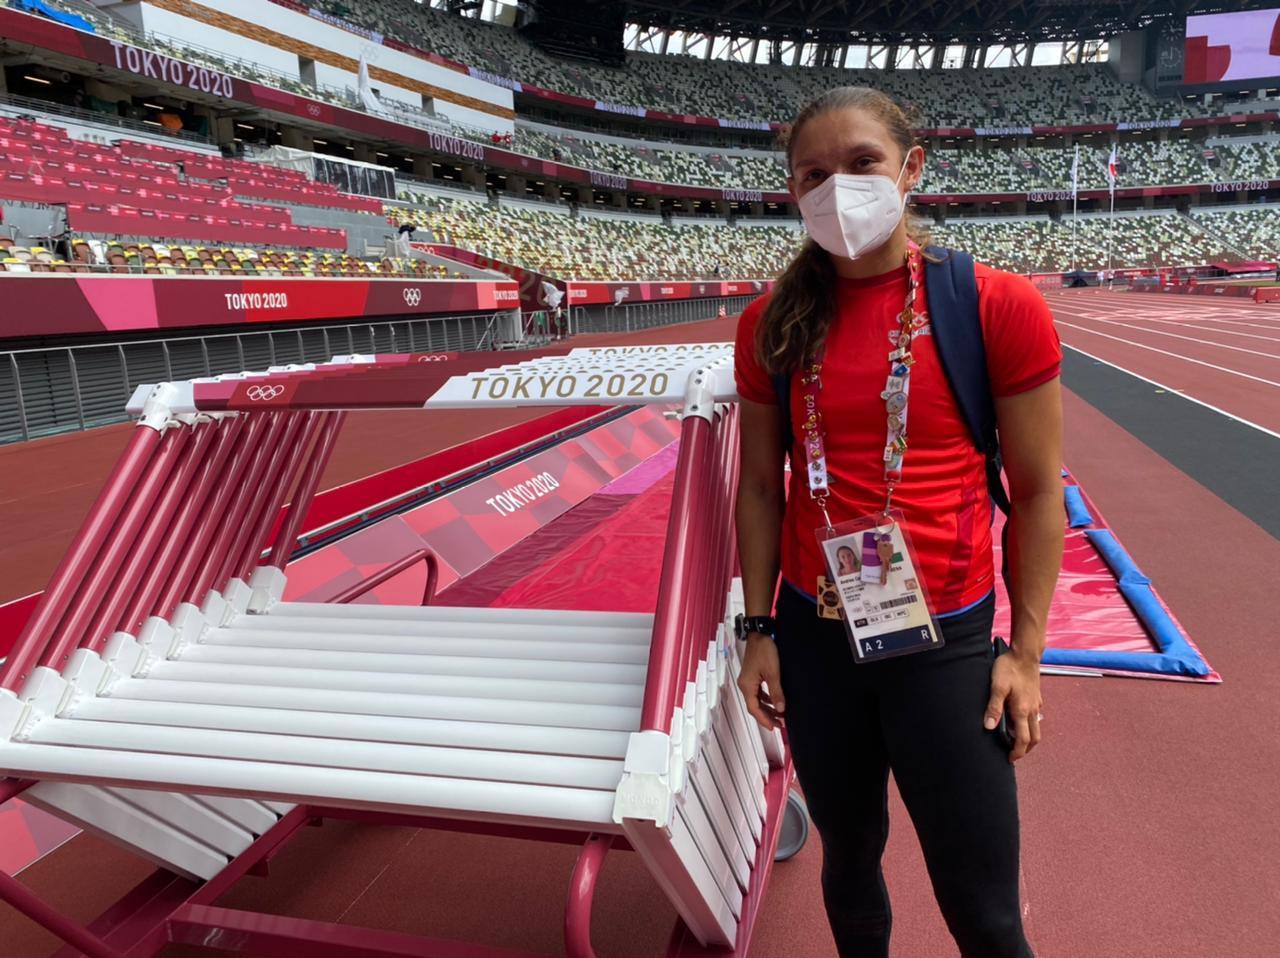 El atletismo costarricense calienta en Tokio 2020